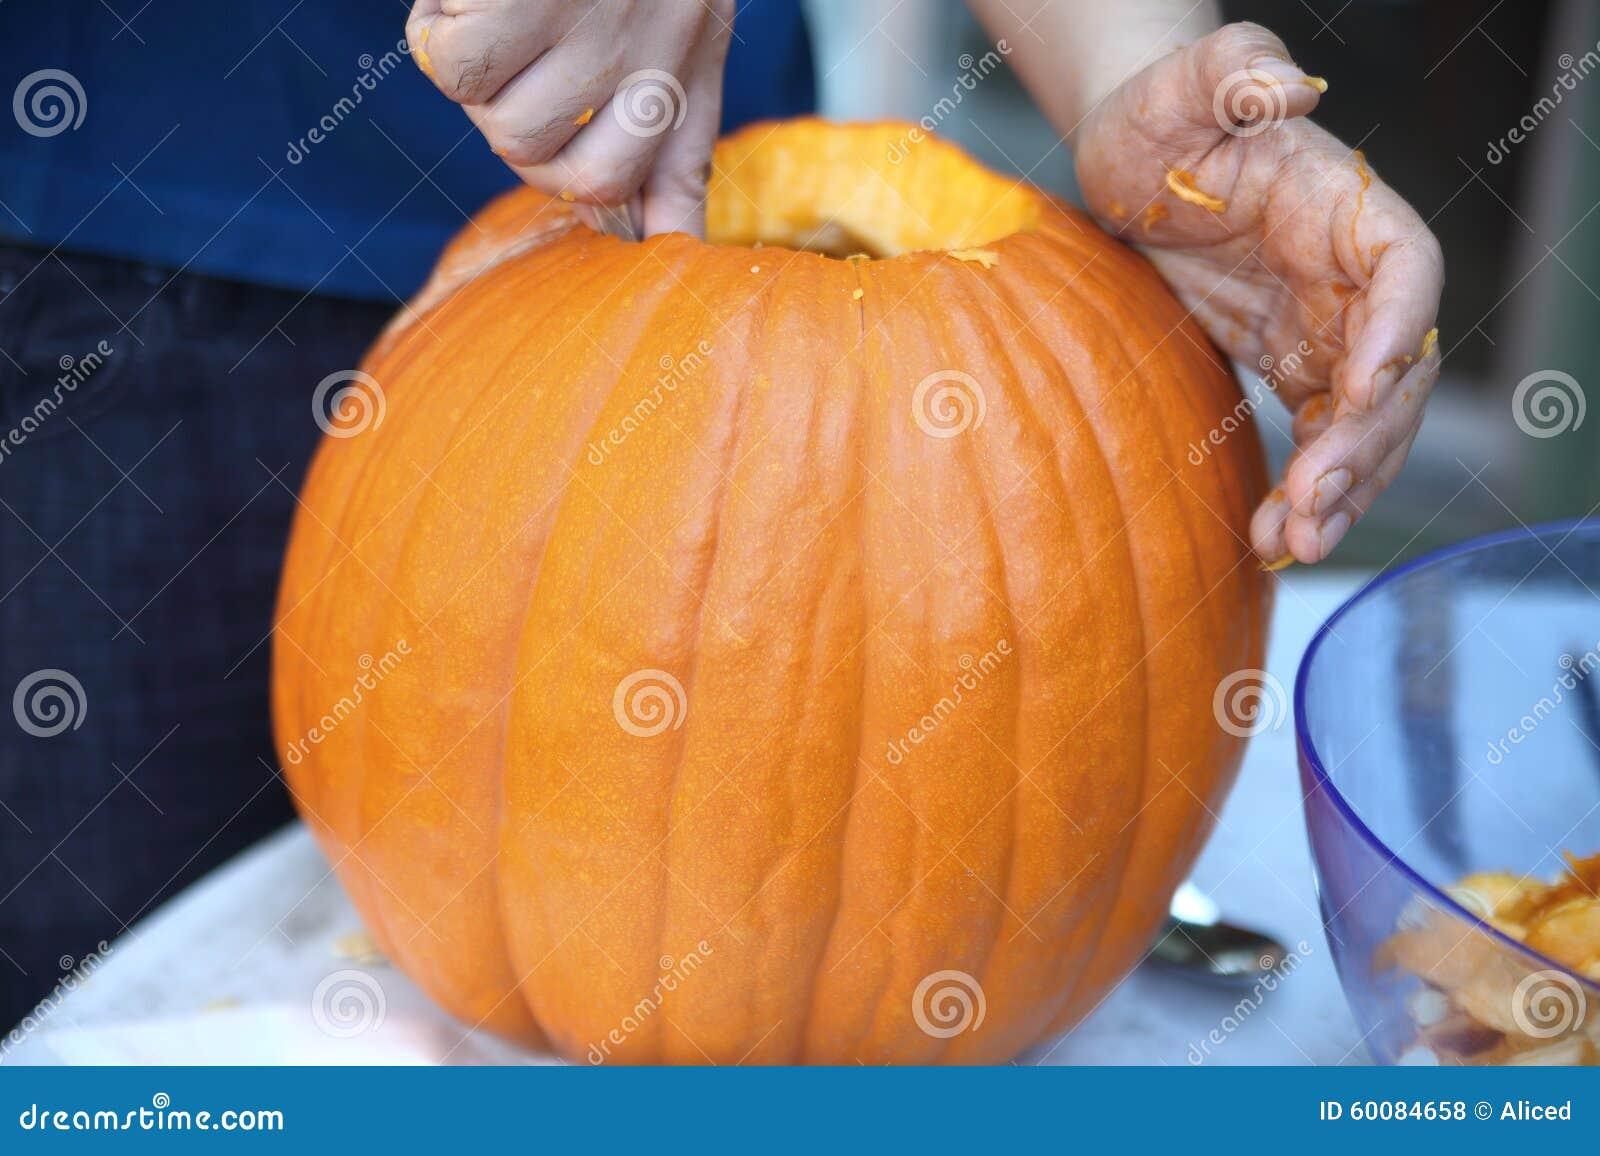 Uithollen Pompoen Halloween.Uit Het Uithollen Van Een Halloween Pompoen Voor Het Snijden